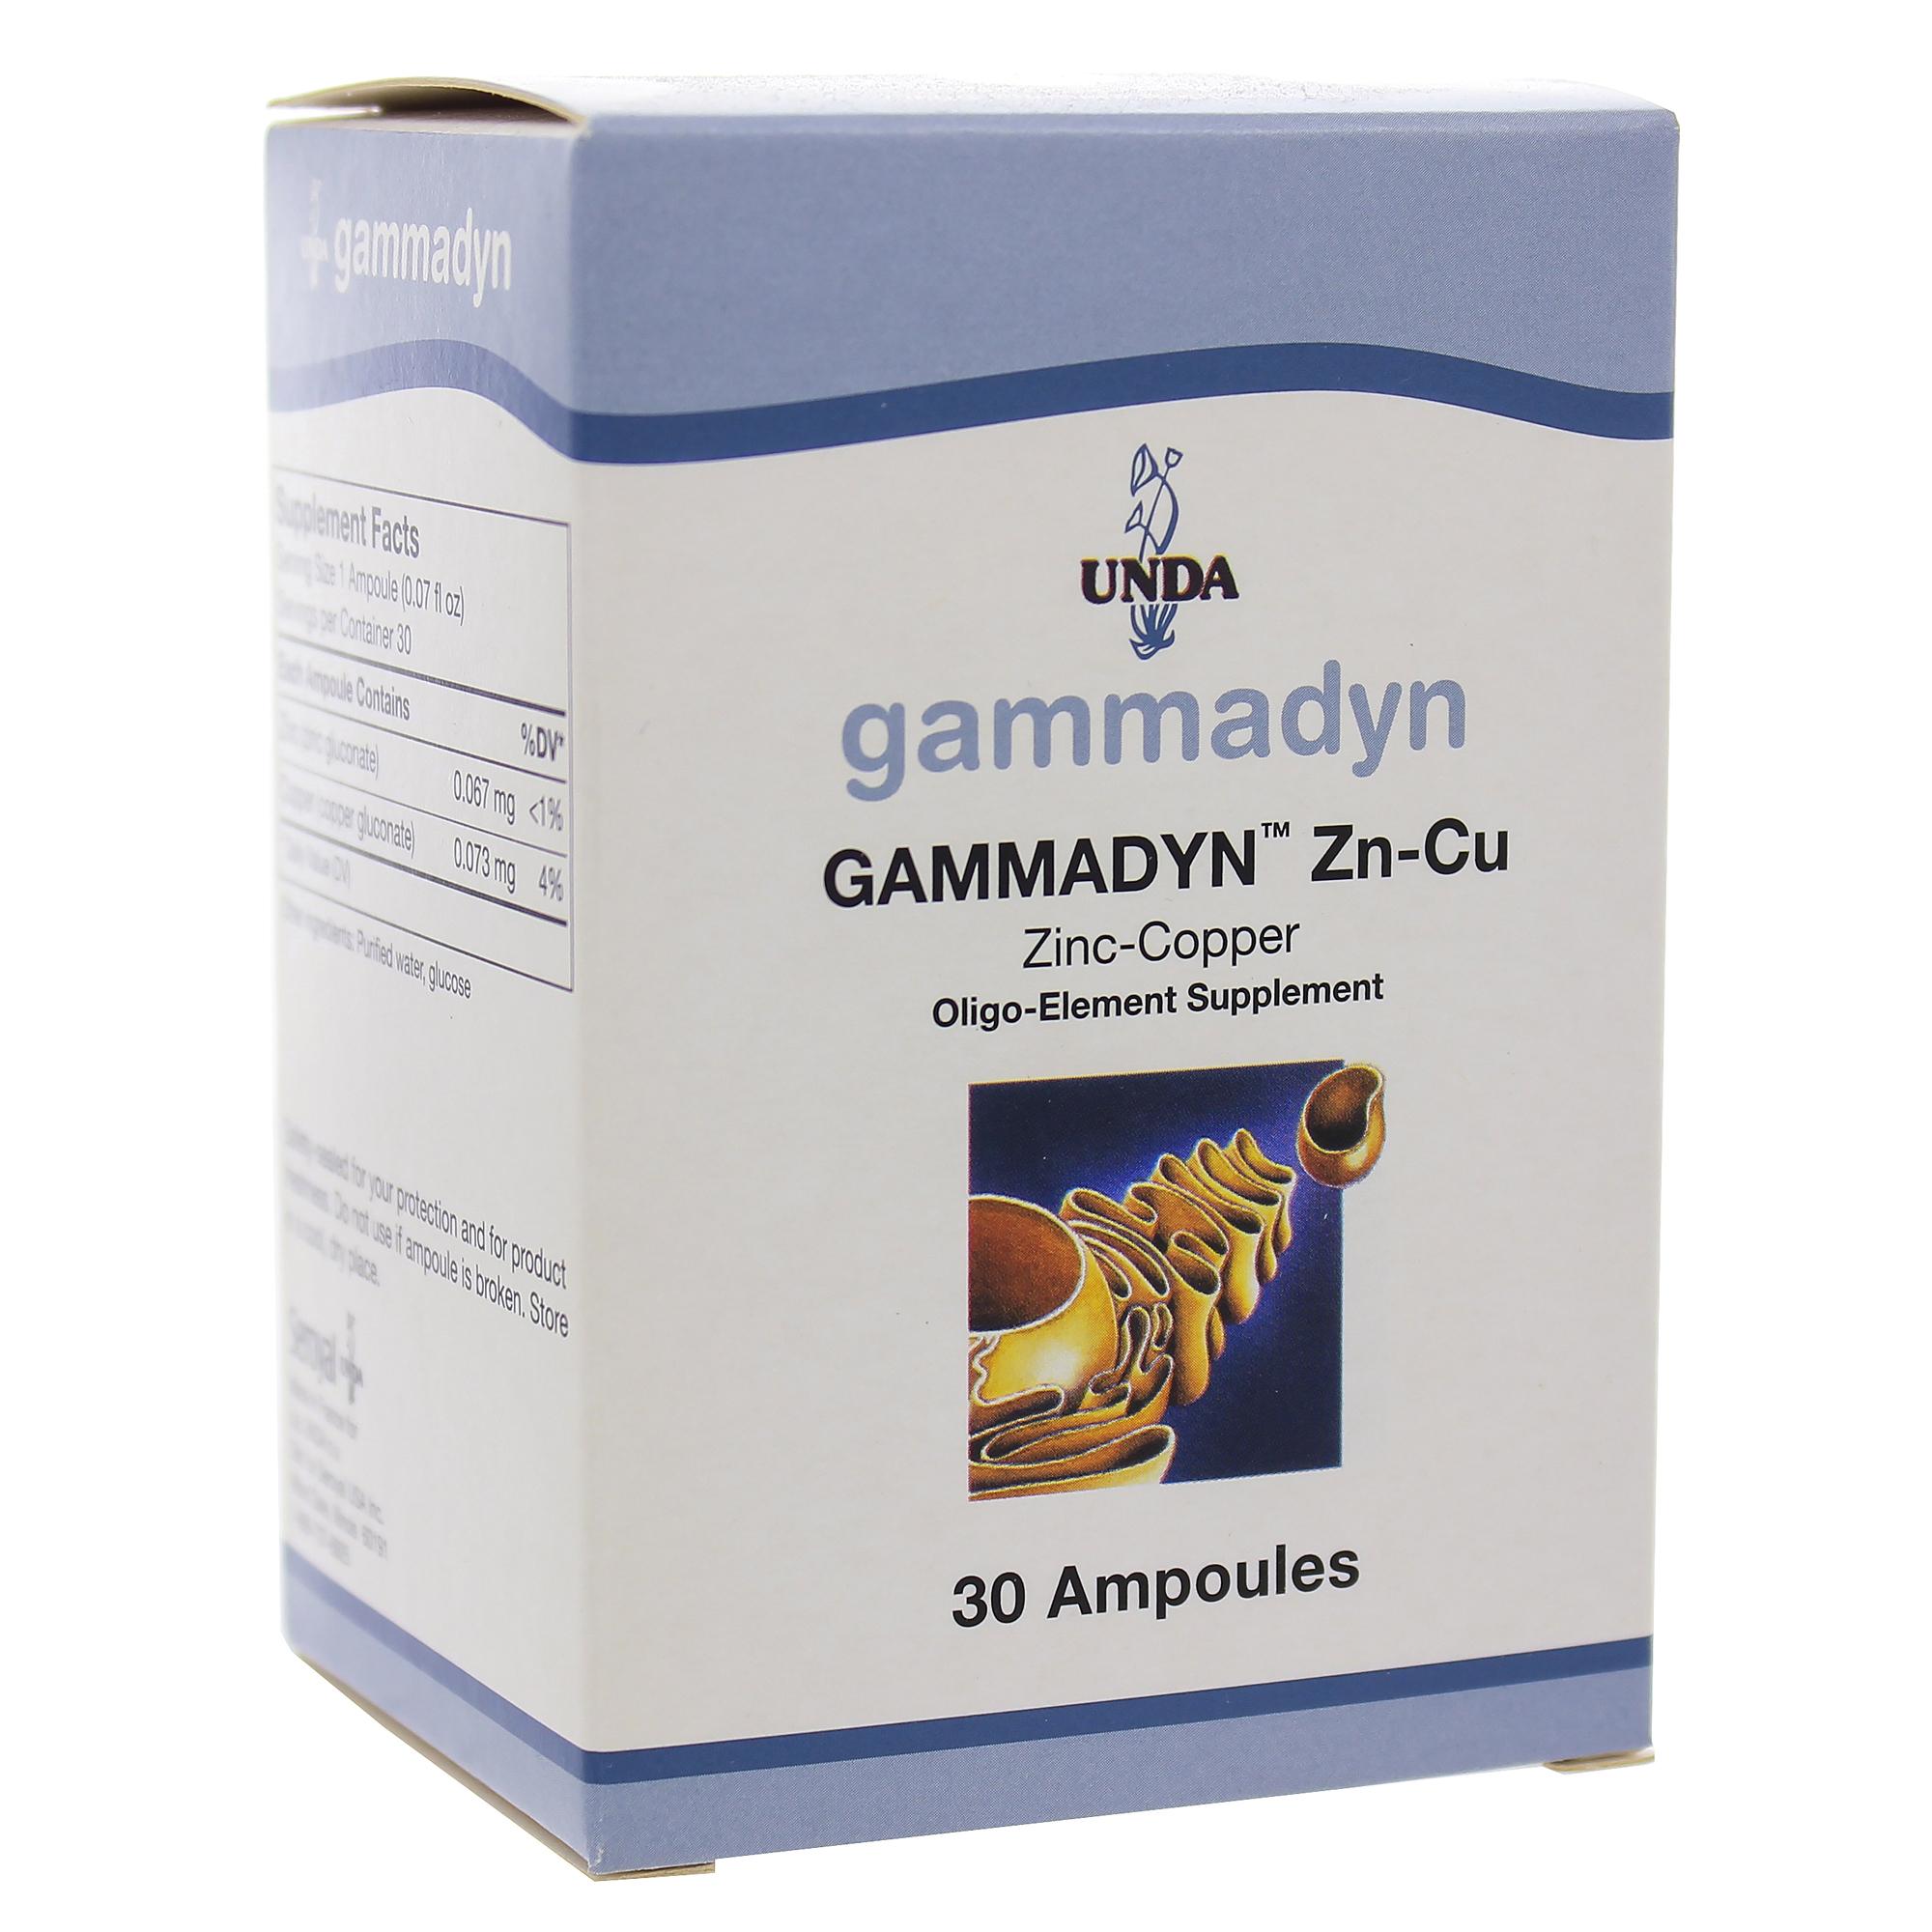 Gammadyn Zn-Cu 30 unidoses